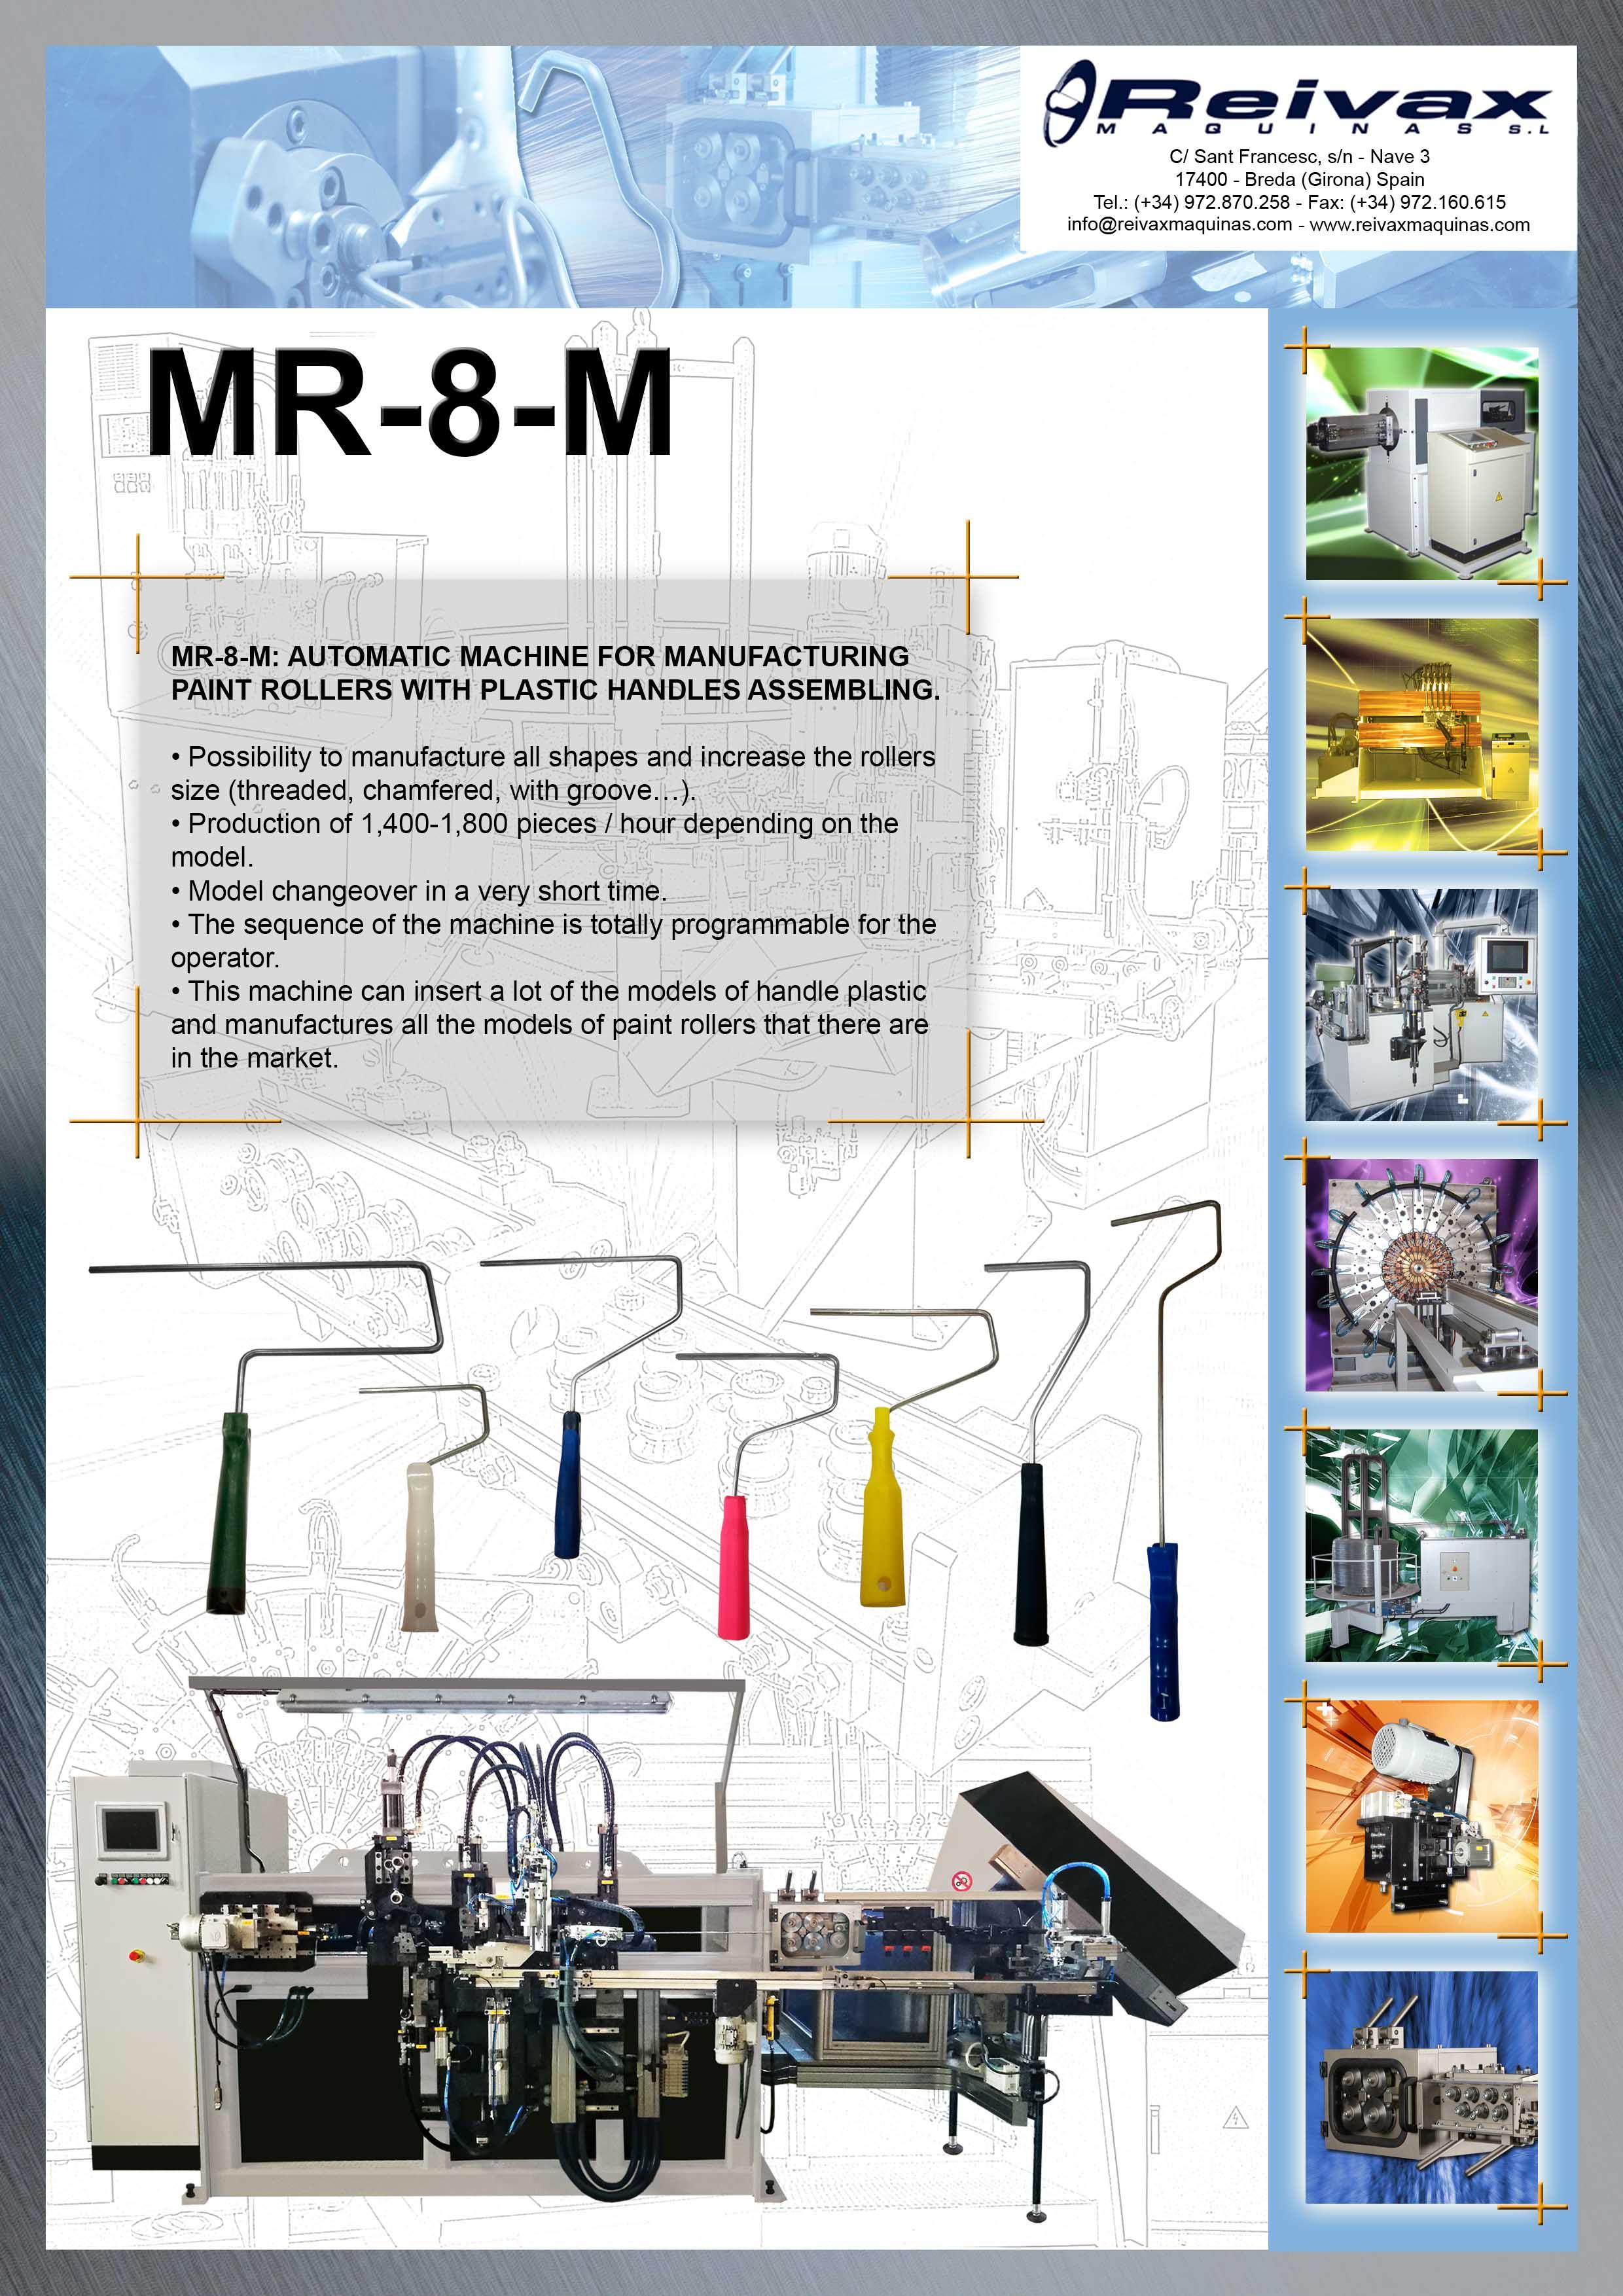 ReivaxMaquinas: Technical Details MR-8-M Paint Roller Machine